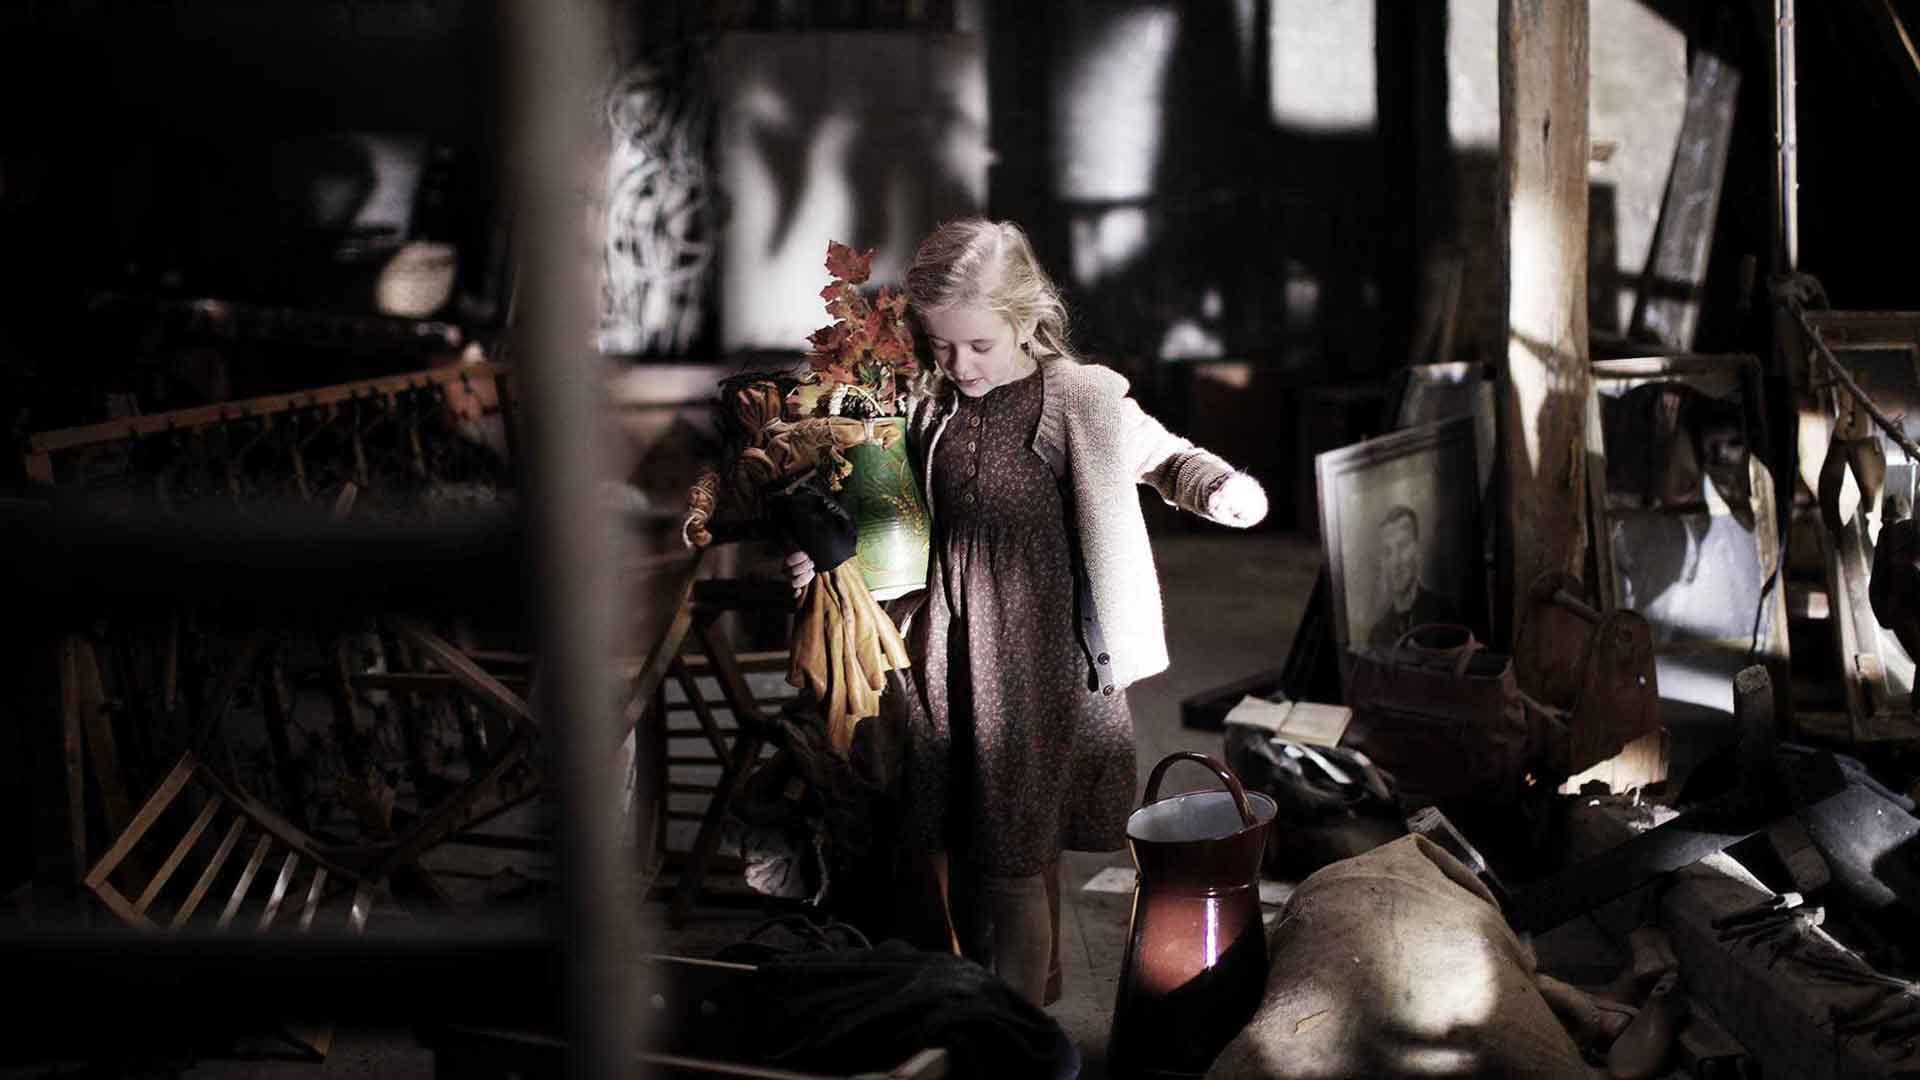 Das Bild zeigt ein kleines Mädchen. Es hat blonde Haare und trägt einen Strauß Blumen in einem Krug. Sie läuft durch einen Raum voller Antiquitäten. Das Bild dient als Sliderbild für den Portfolioeintrag Eine gute Geschichte von Panda Pictures.